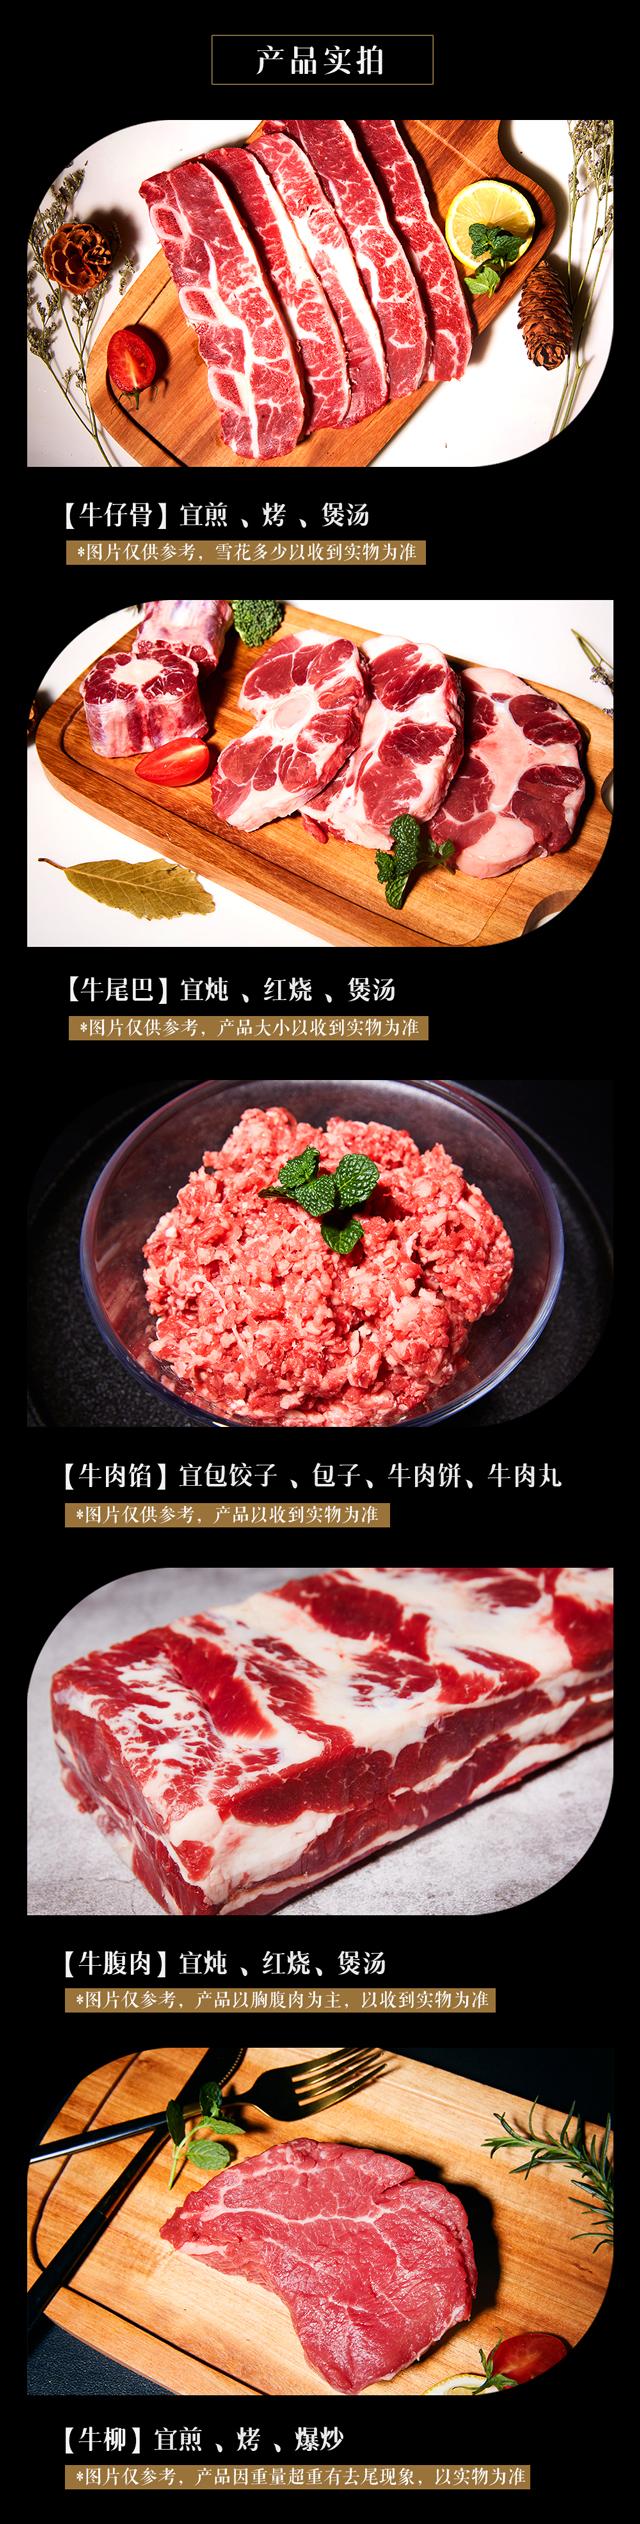 牛客宴 牛肉礼包